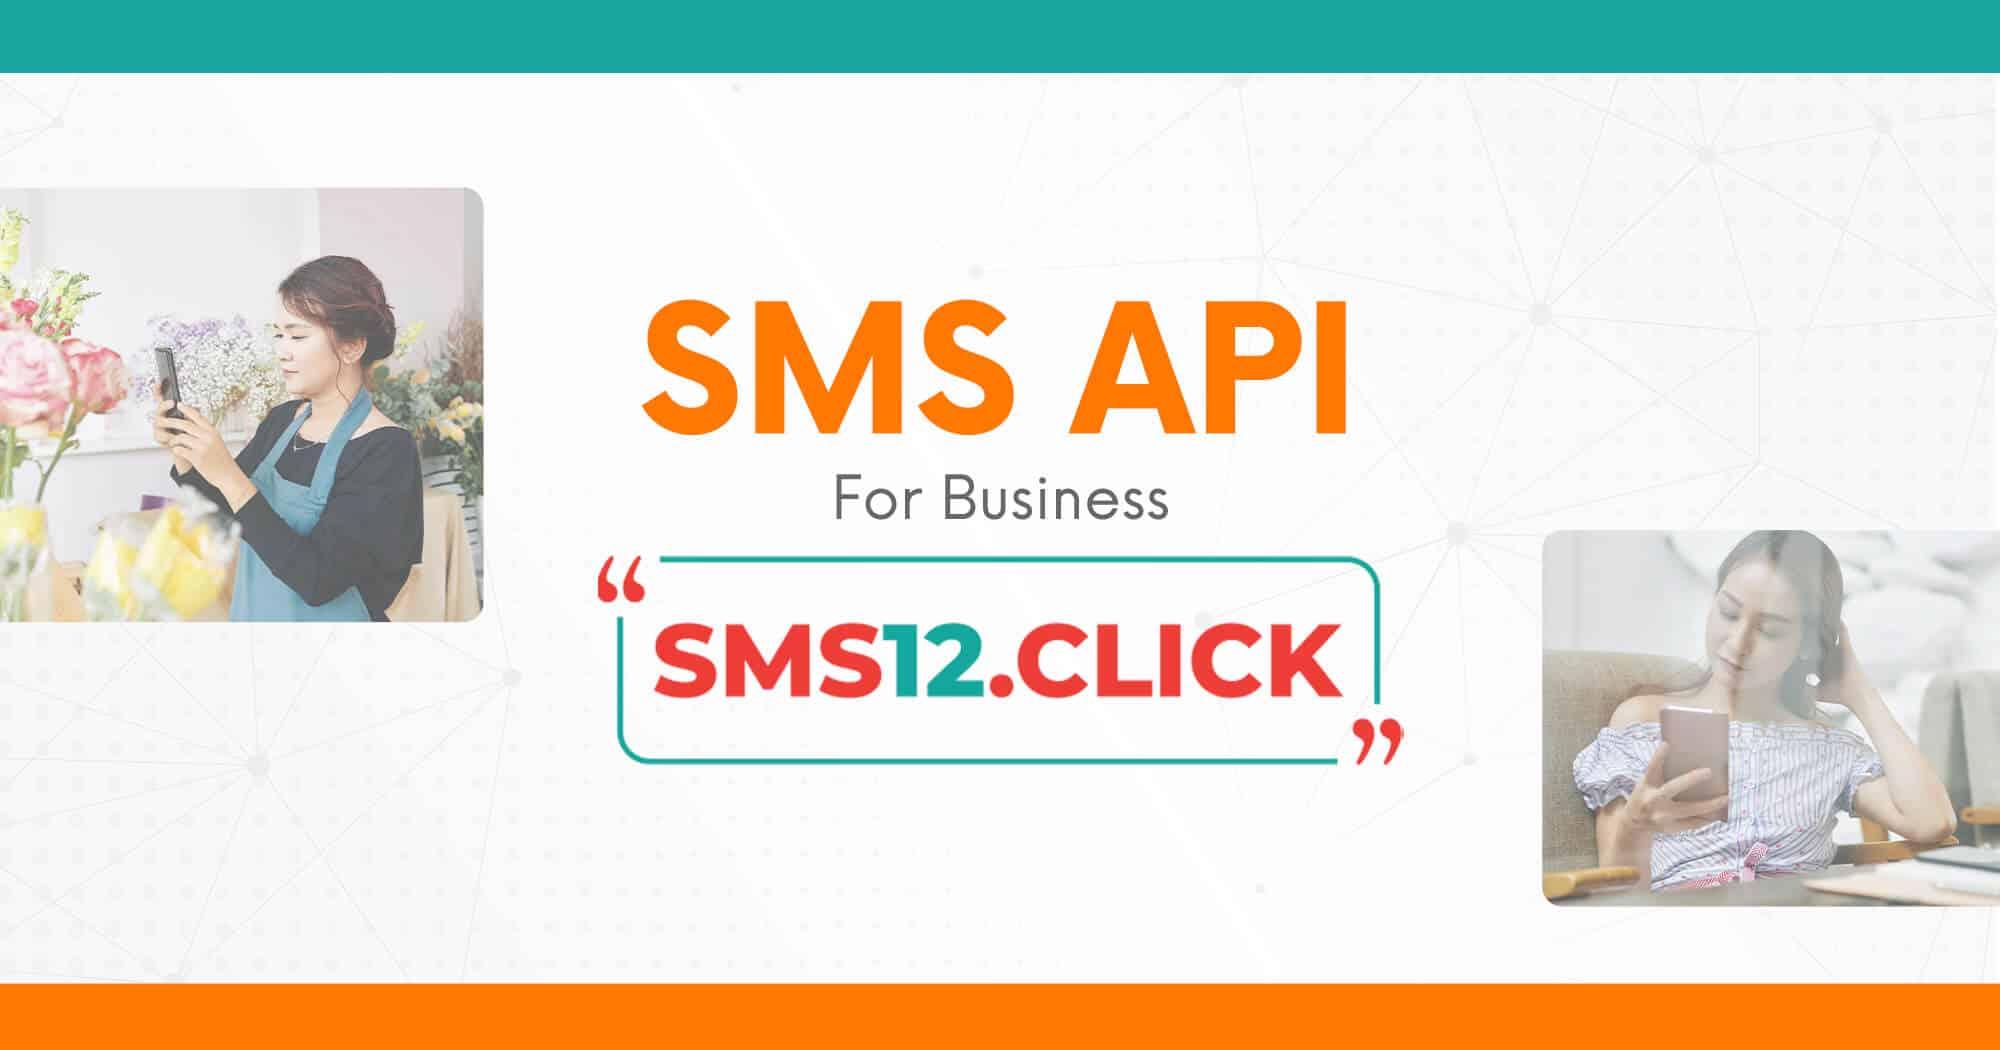 SMS API for Business - SMS12.click